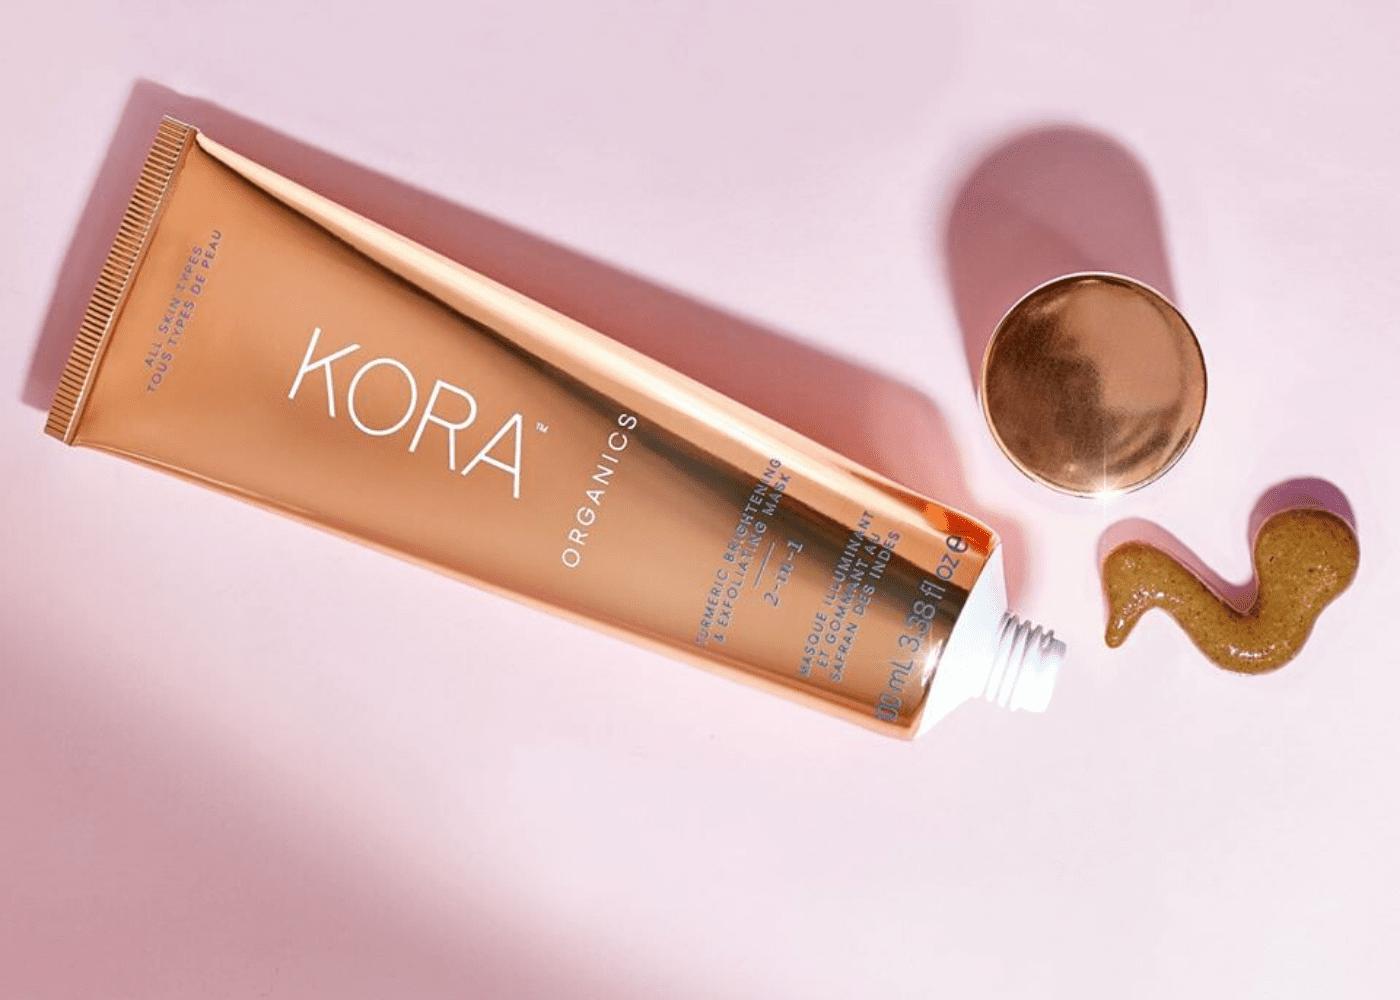 Kora Organics by Miranda Kerr Turmeric Brightening & Exfoliating Mask